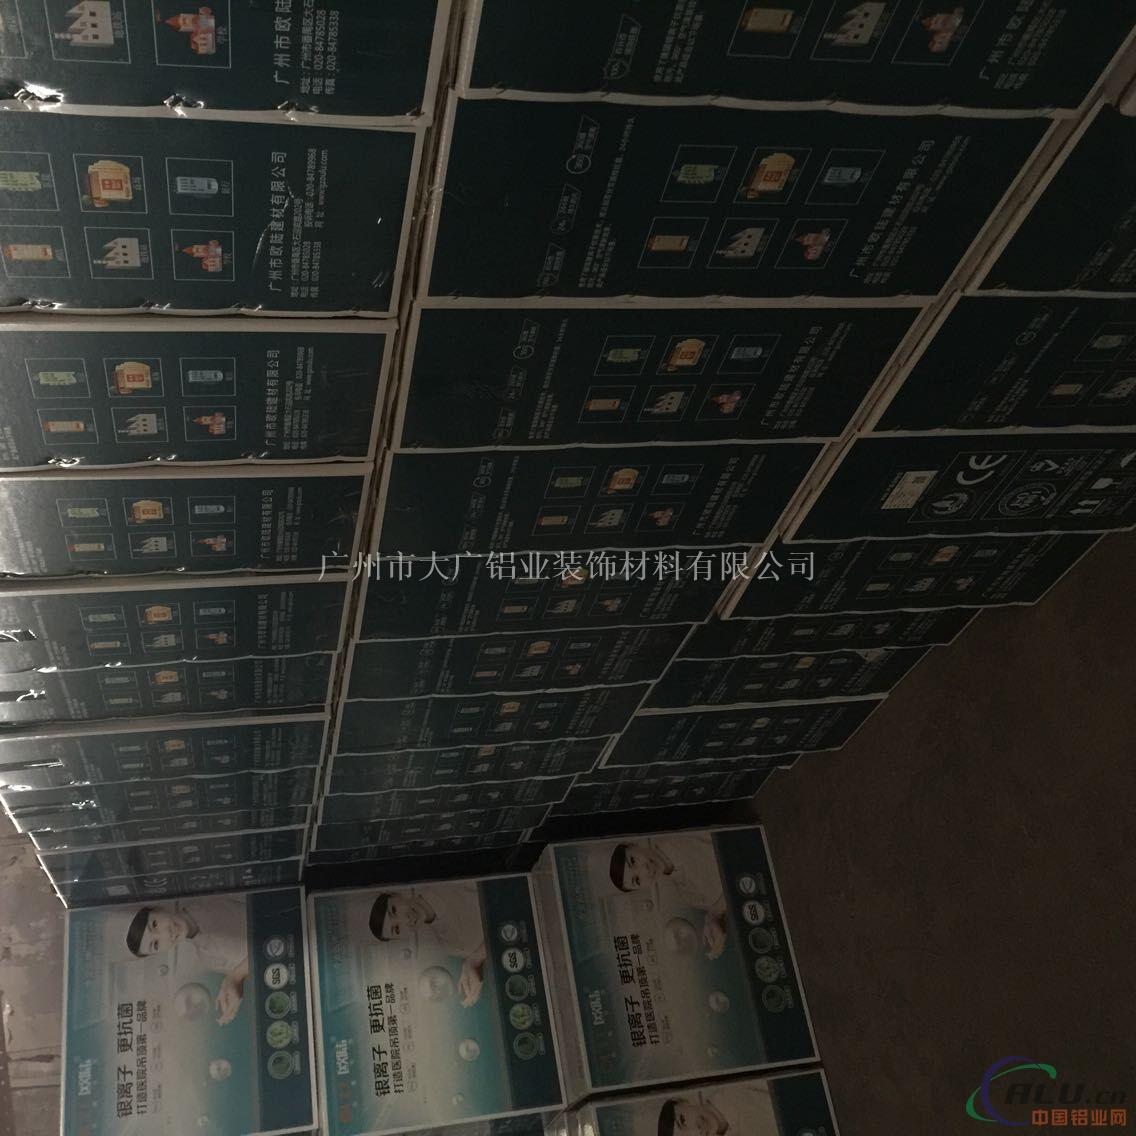 """冲孔铝天花吸音性能 在天花板系统会涉及到声学功能。在这里要提到""""声吸收""""和""""声放射""""这两个特性。天花的吸音孔和借助于板的背面的吸音材料,使每件天花板面很容易地转变成可吸音的金属天花板,金属天花板的吸音性能是依赖着以下因素实现的:吸音的材料、声流阻力、吸音孔的穿孔率;  冲孔金属天花产品能够有效解决噪音问题。当发出噪音之来源在指定的吸音范围内,噪音经过隔音物料后,产生摩擦,将声波能量转换成热能,从而降低波值。在室外或室内的环境下,天花板的冲孔形式及吸音材料的不"""